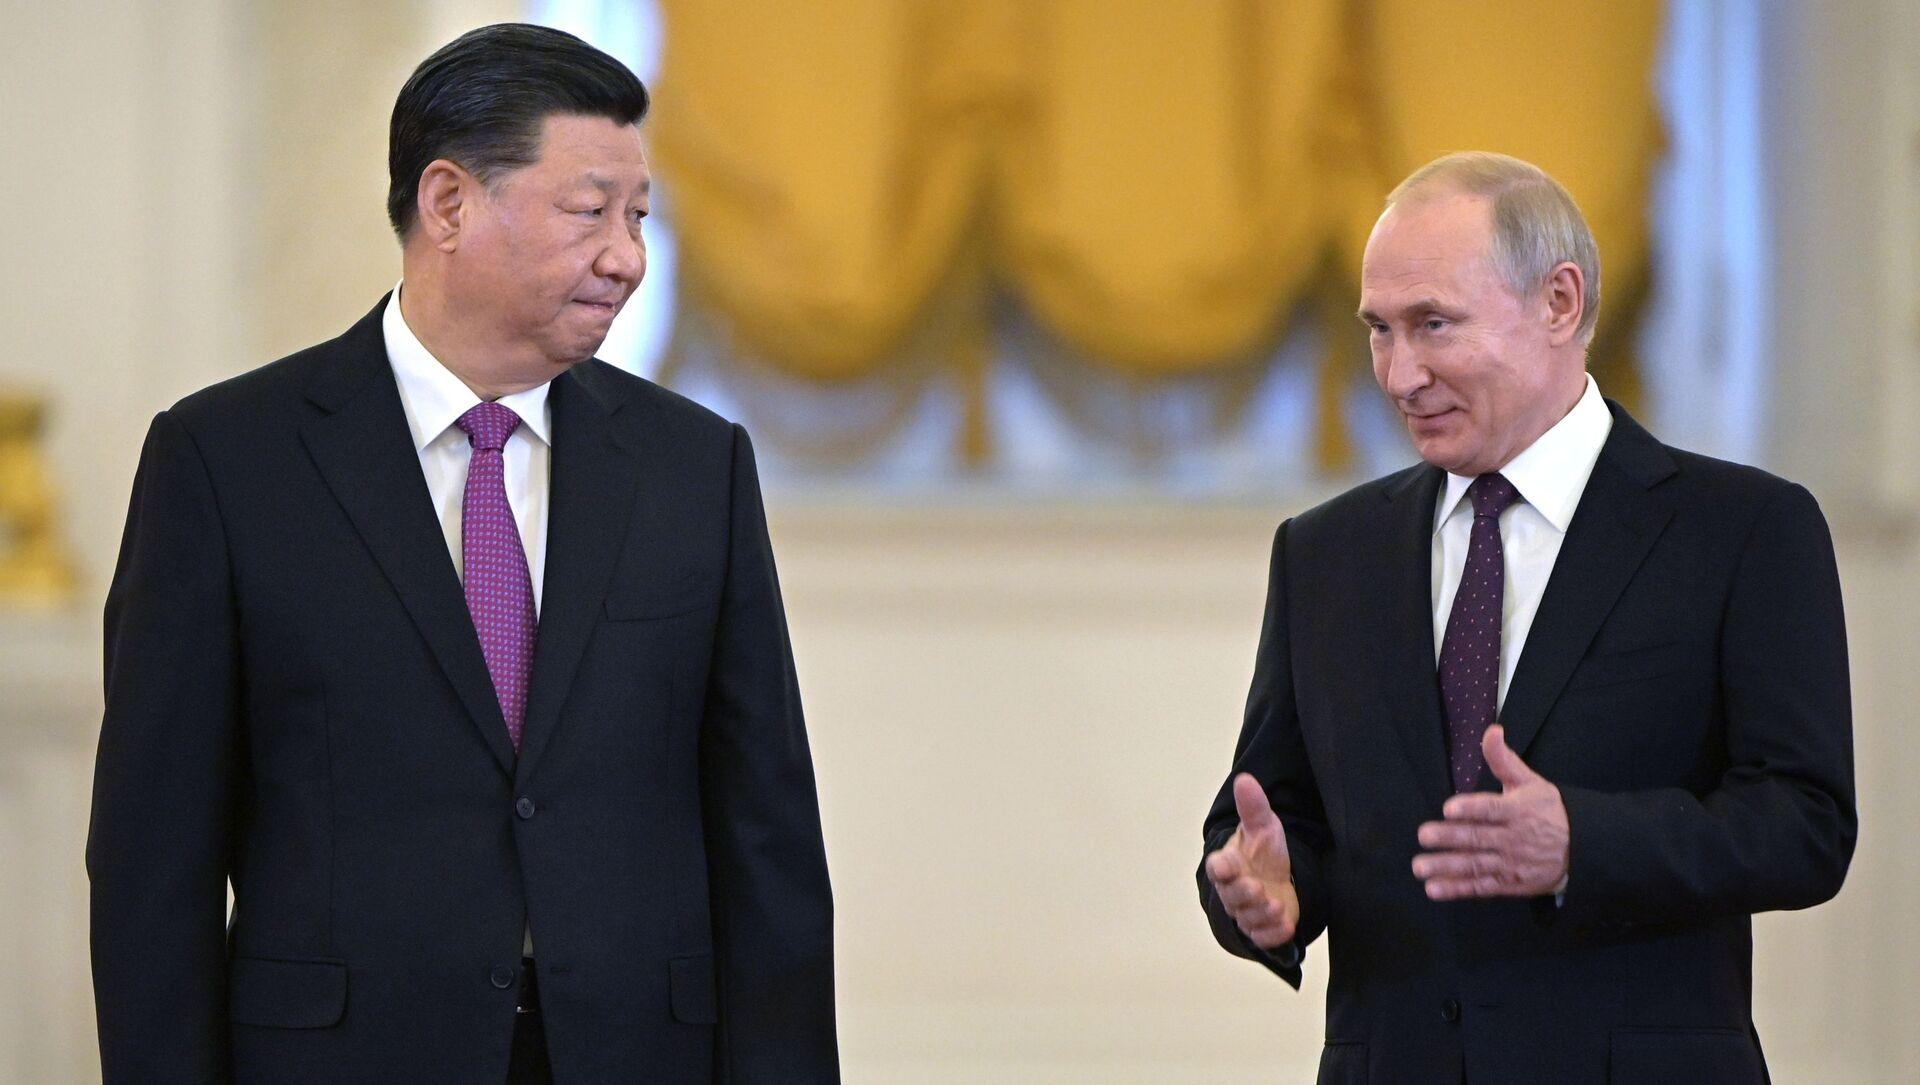 Председатель КНР Си Цзиньпин и президент РФ Владимир Путин на церемонии официальной встречи в Георгиевском зале Кремля - Sputnik Việt Nam, 1920, 22.07.2021